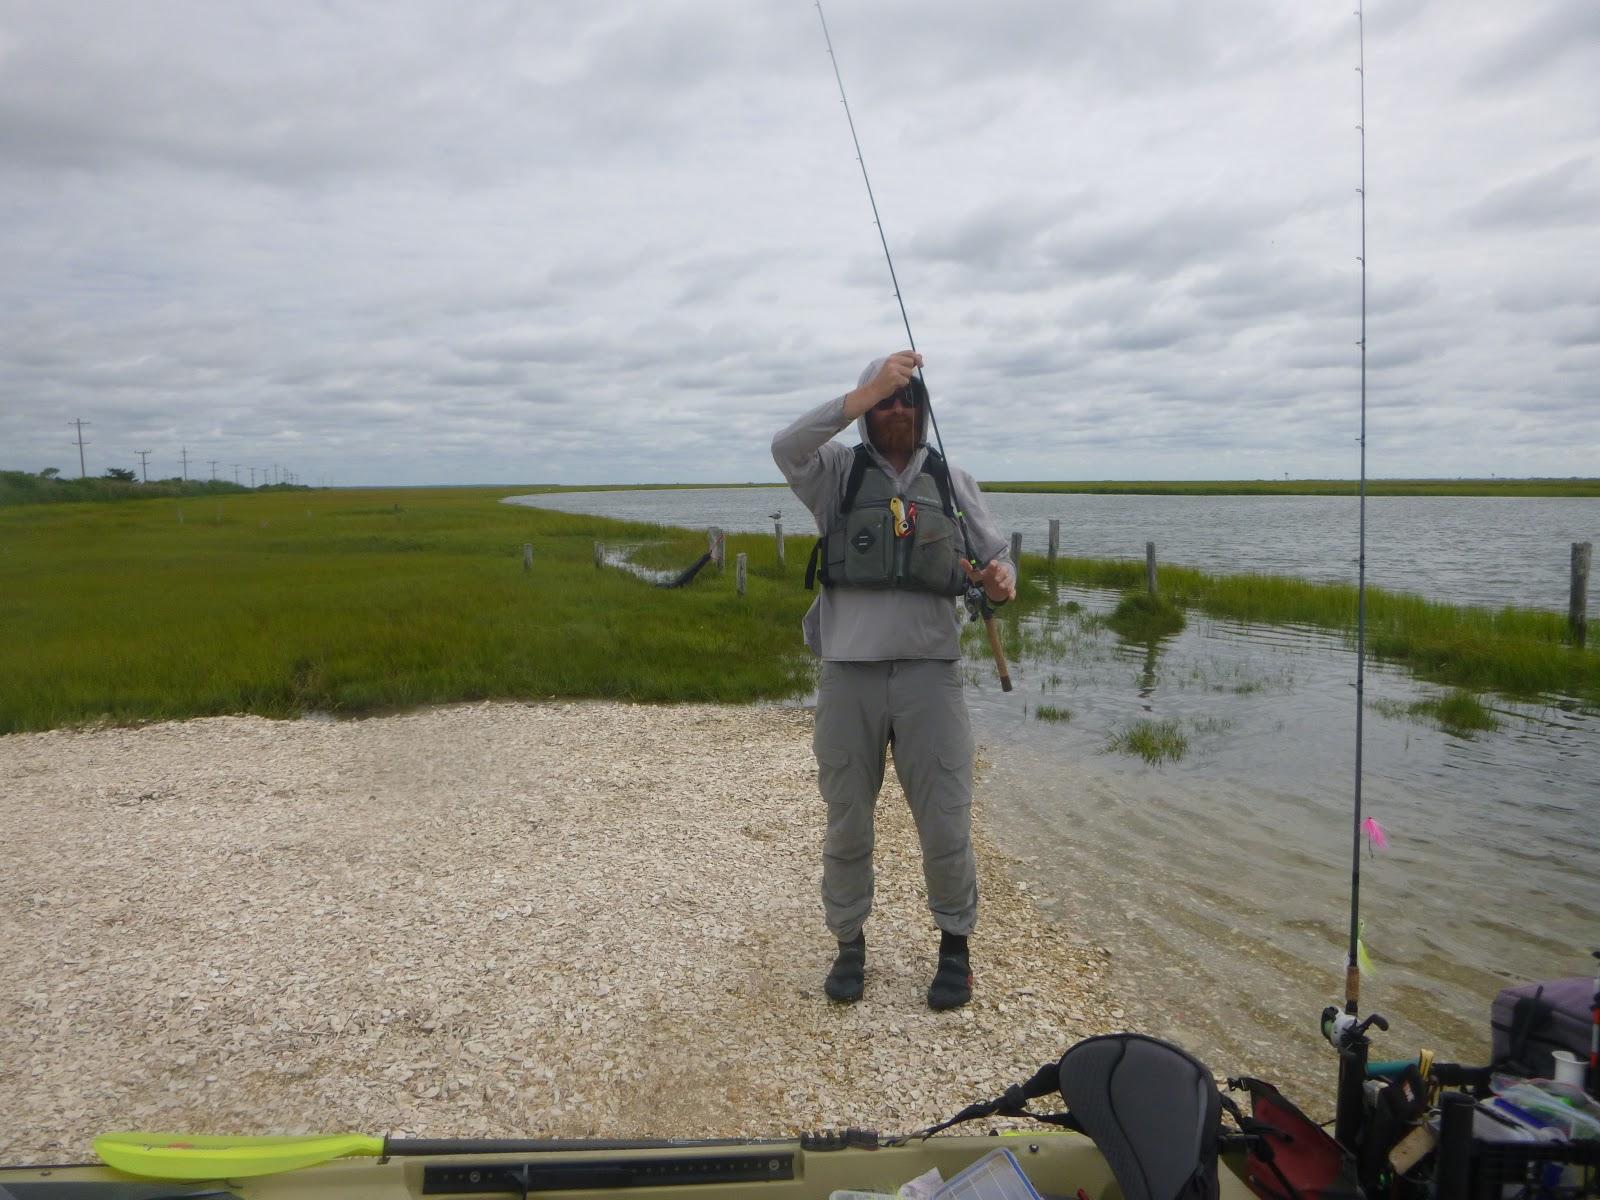 New jersey fishing report fishing new jersey nj fishing boat ramp nvjuhfo Choice Image